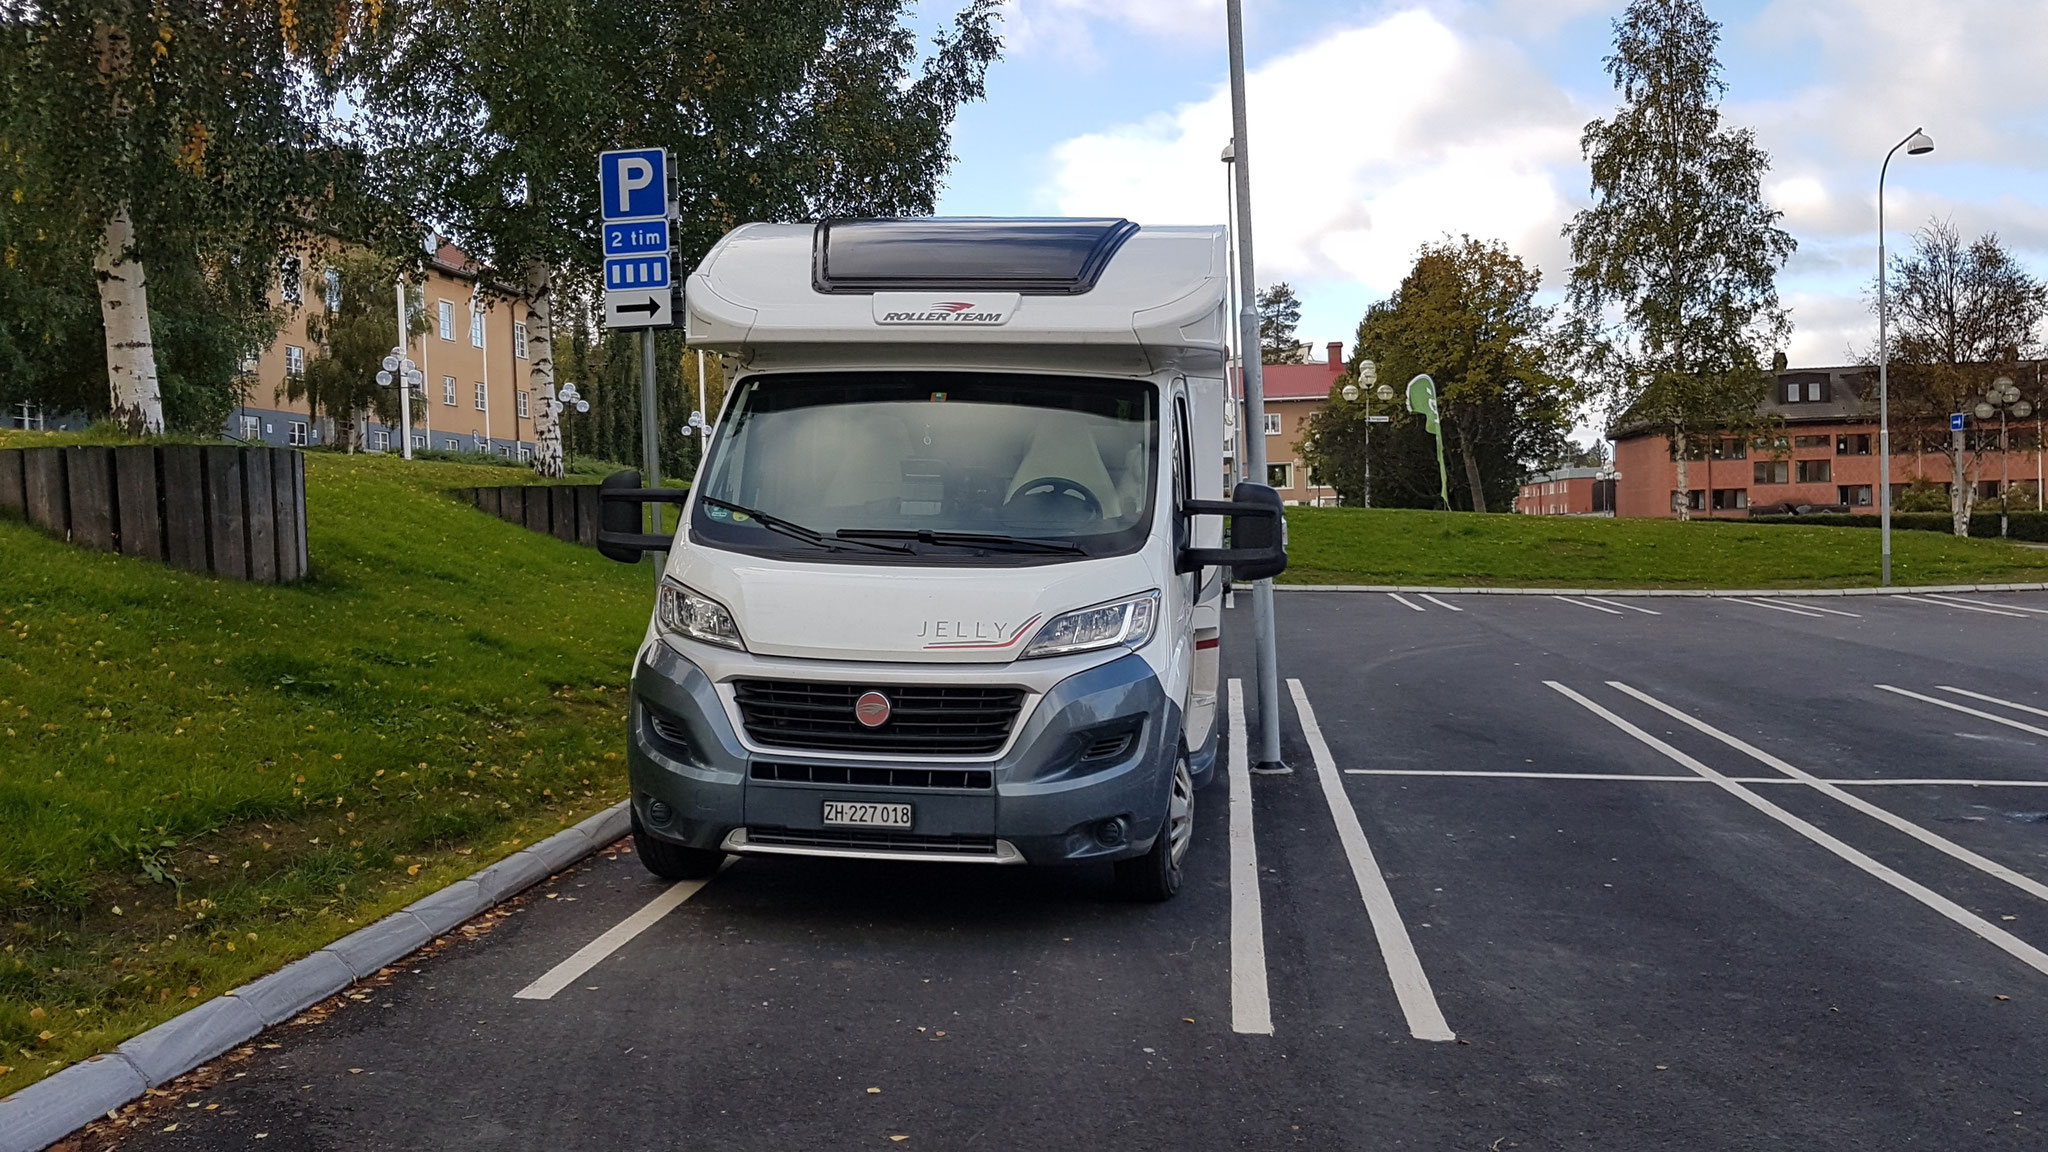 Einkauf am Sonntag in Schweden - gut parkiert...